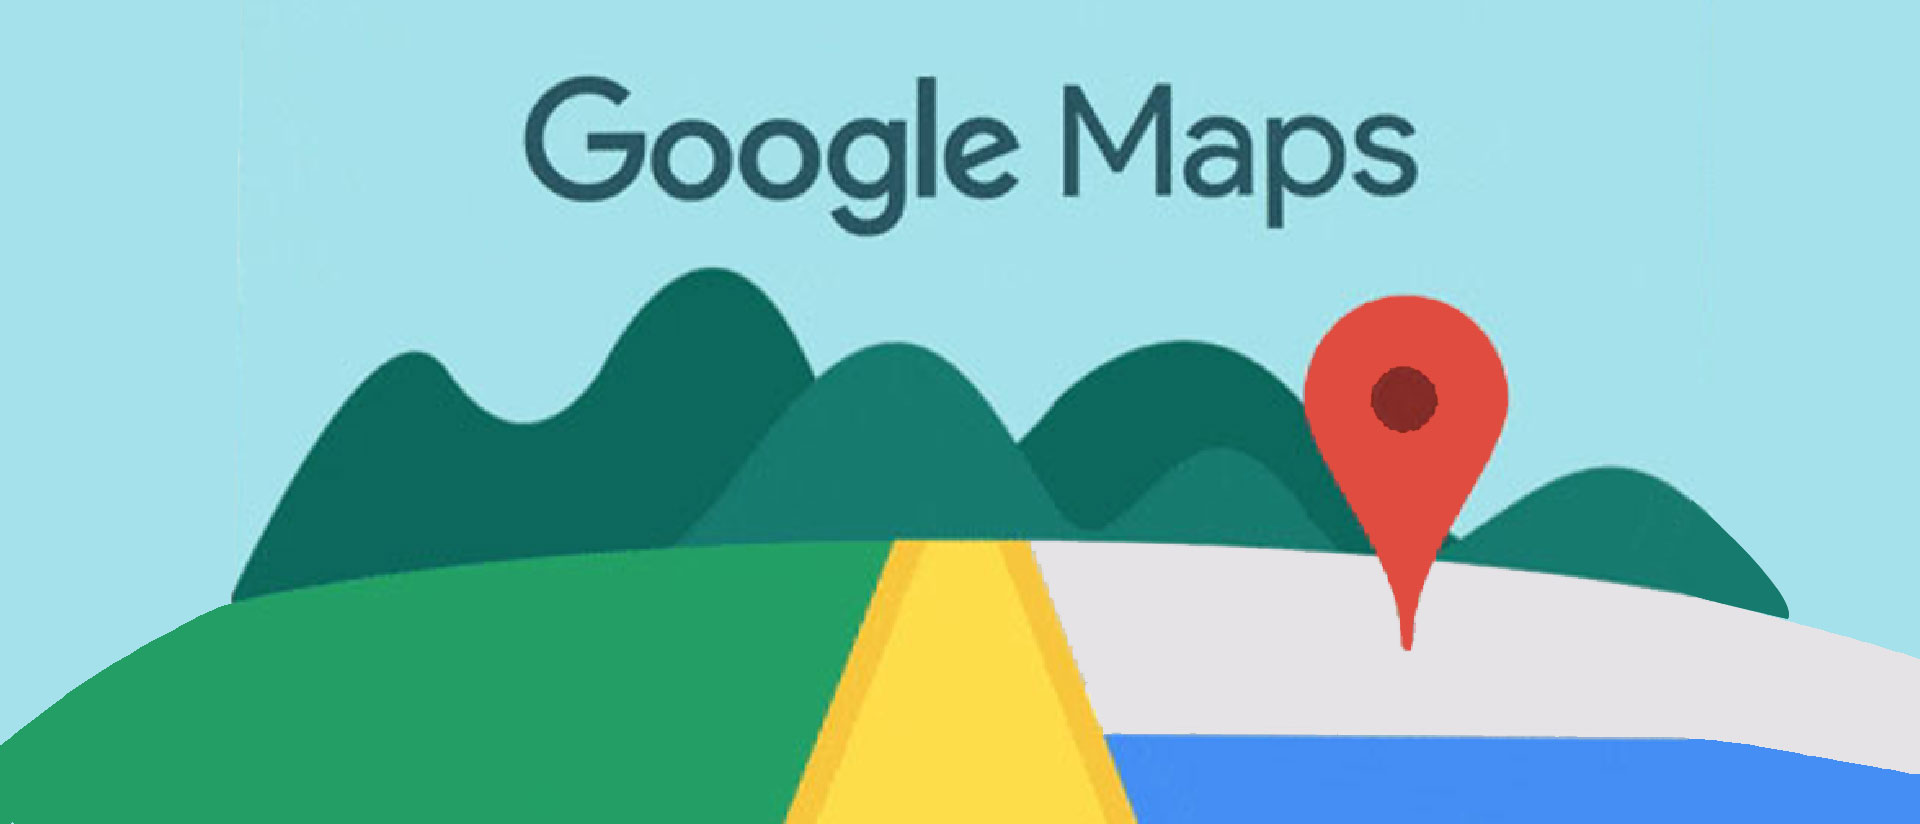 چگونه مکان خود را در گوگل مپ ثبت کنیم؟